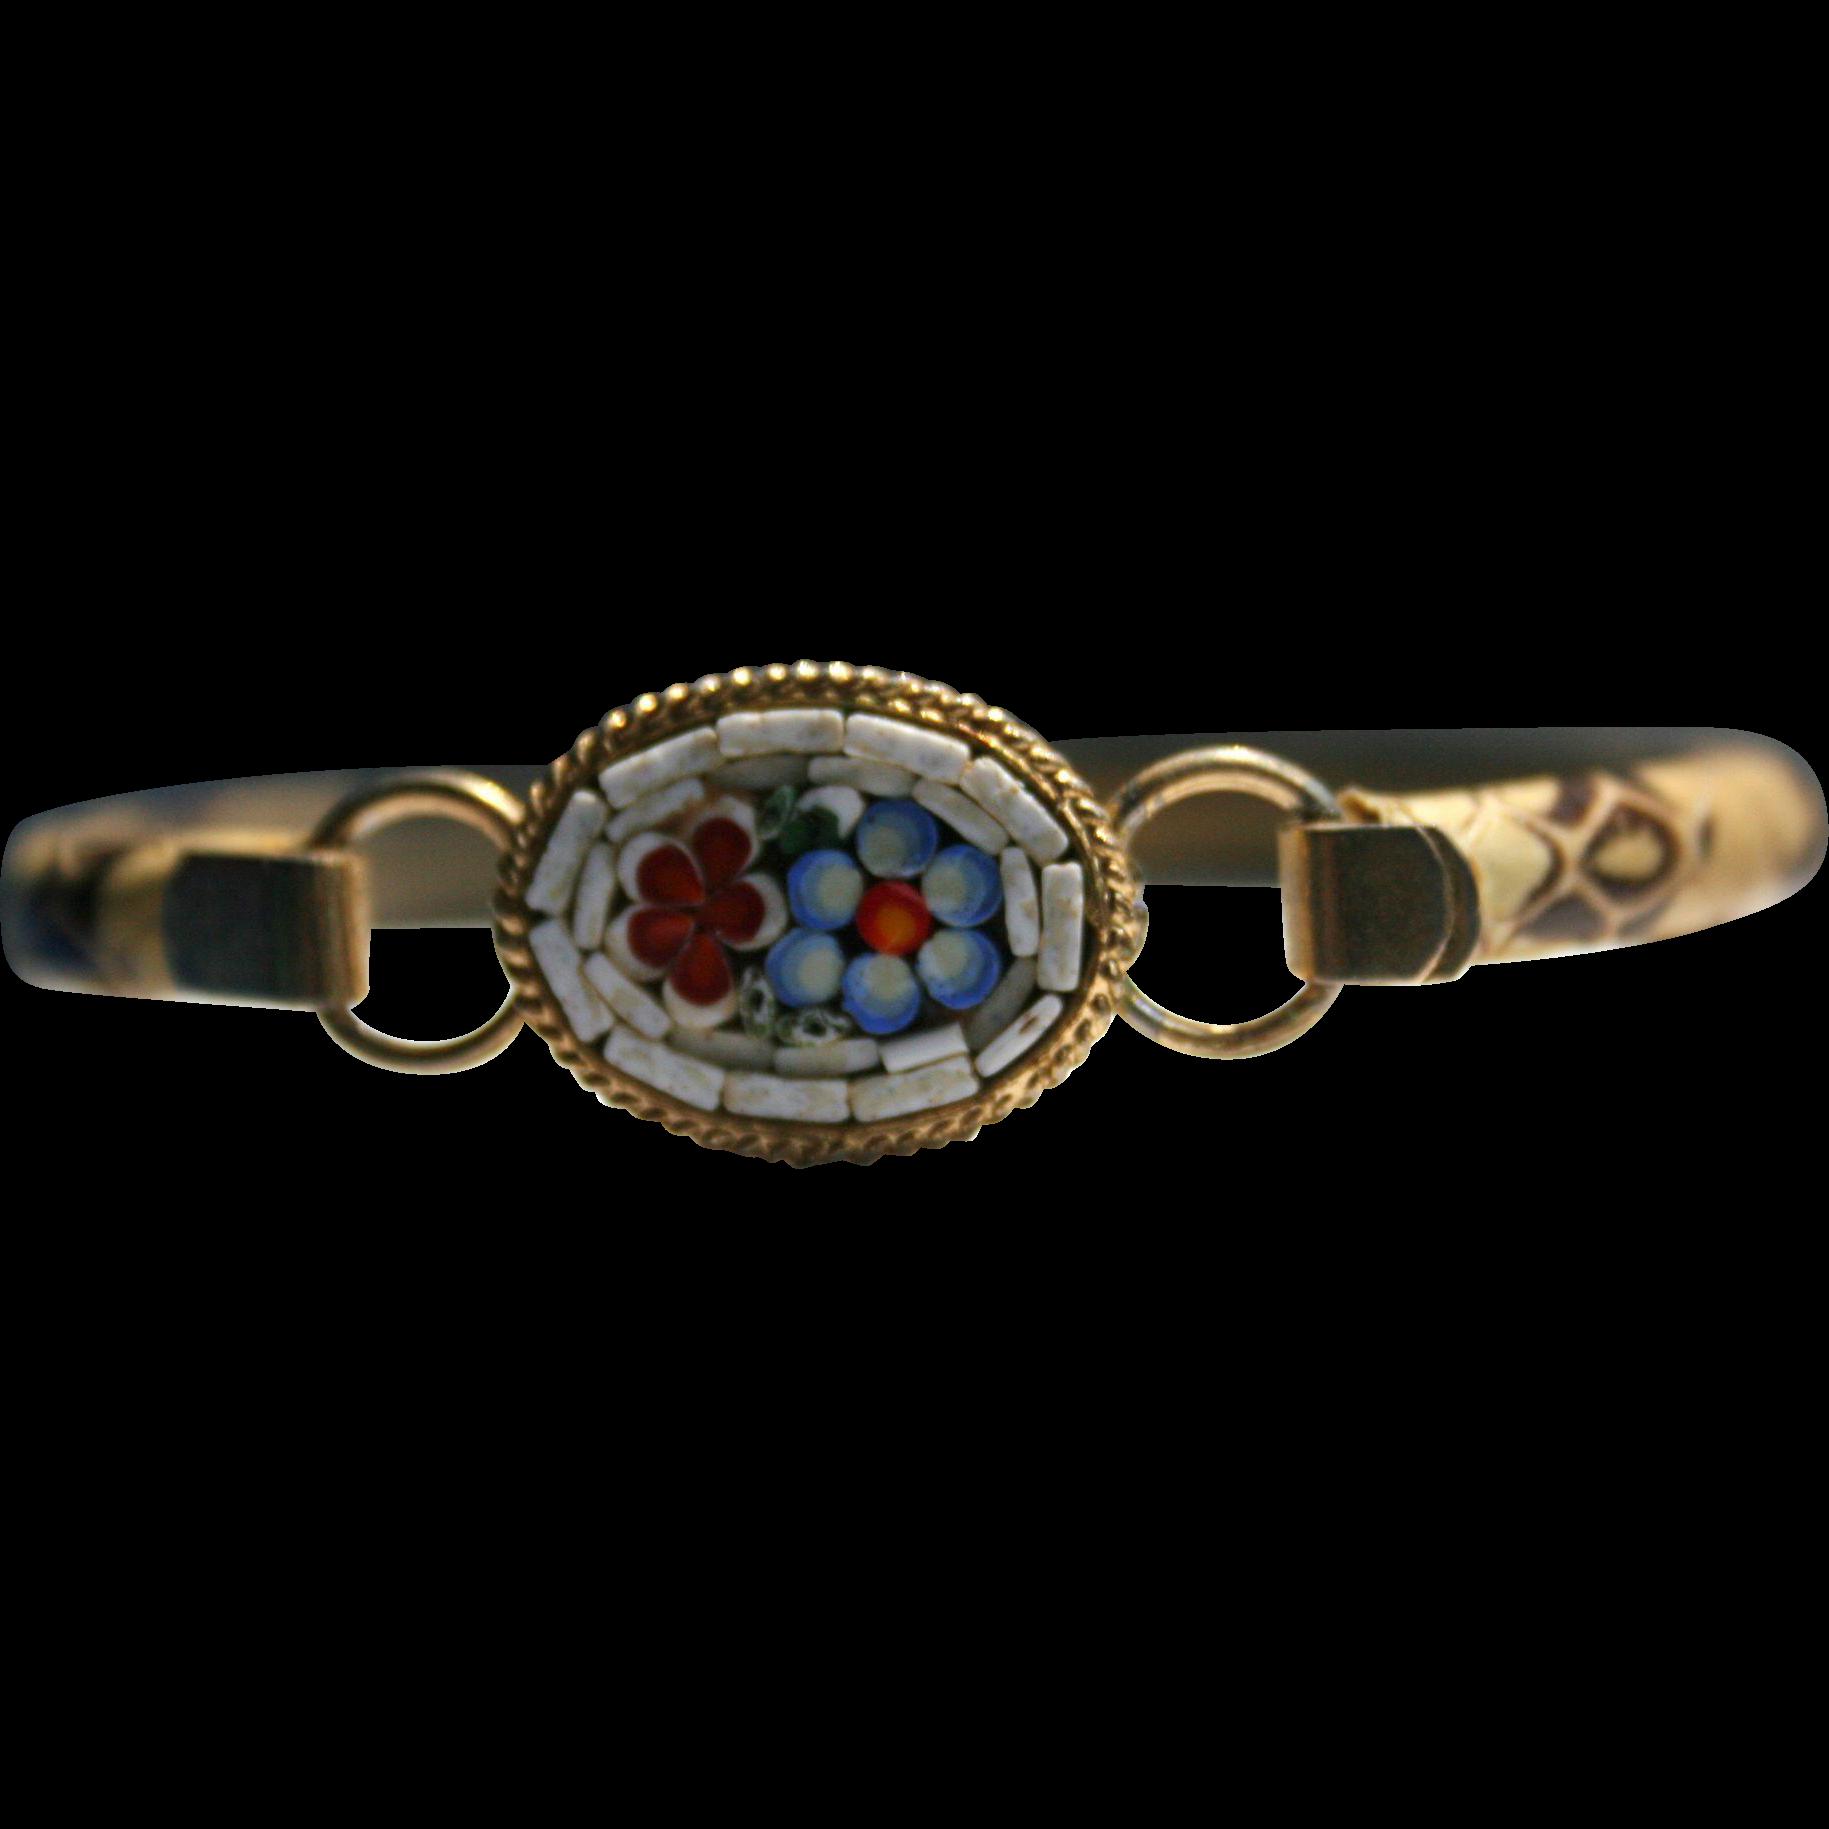 Gorgeous Micro Mosaic Tile & Lizard bangle bracelet Red Blue & White Floral Motif